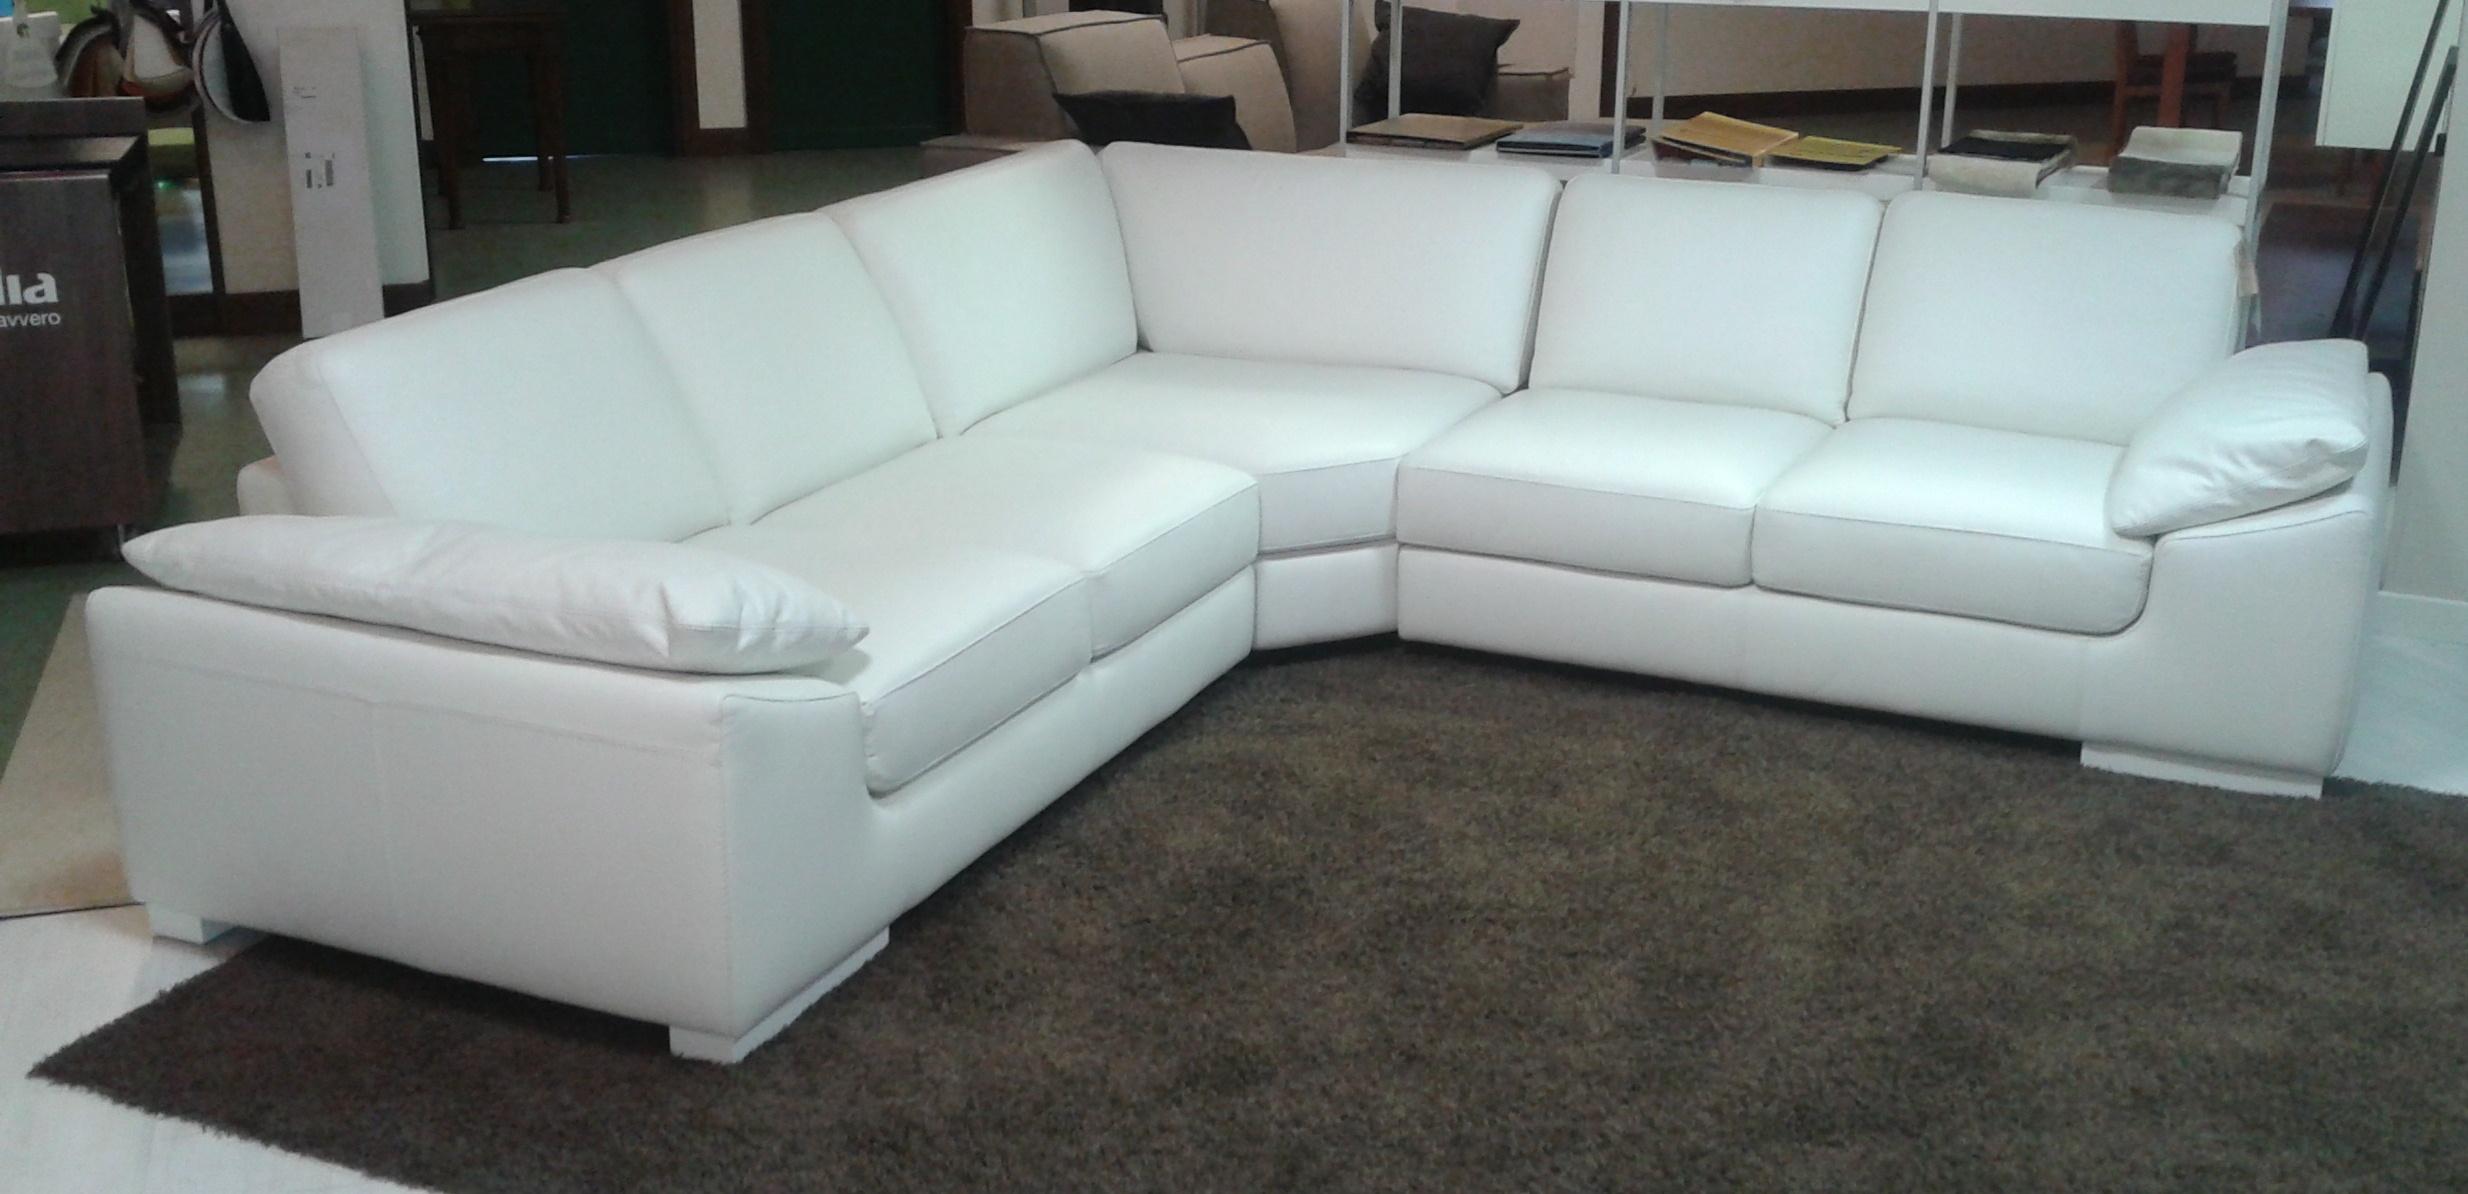 Offerta divano in pelle divani a prezzi scontati for Smart relax divano letto prezzo